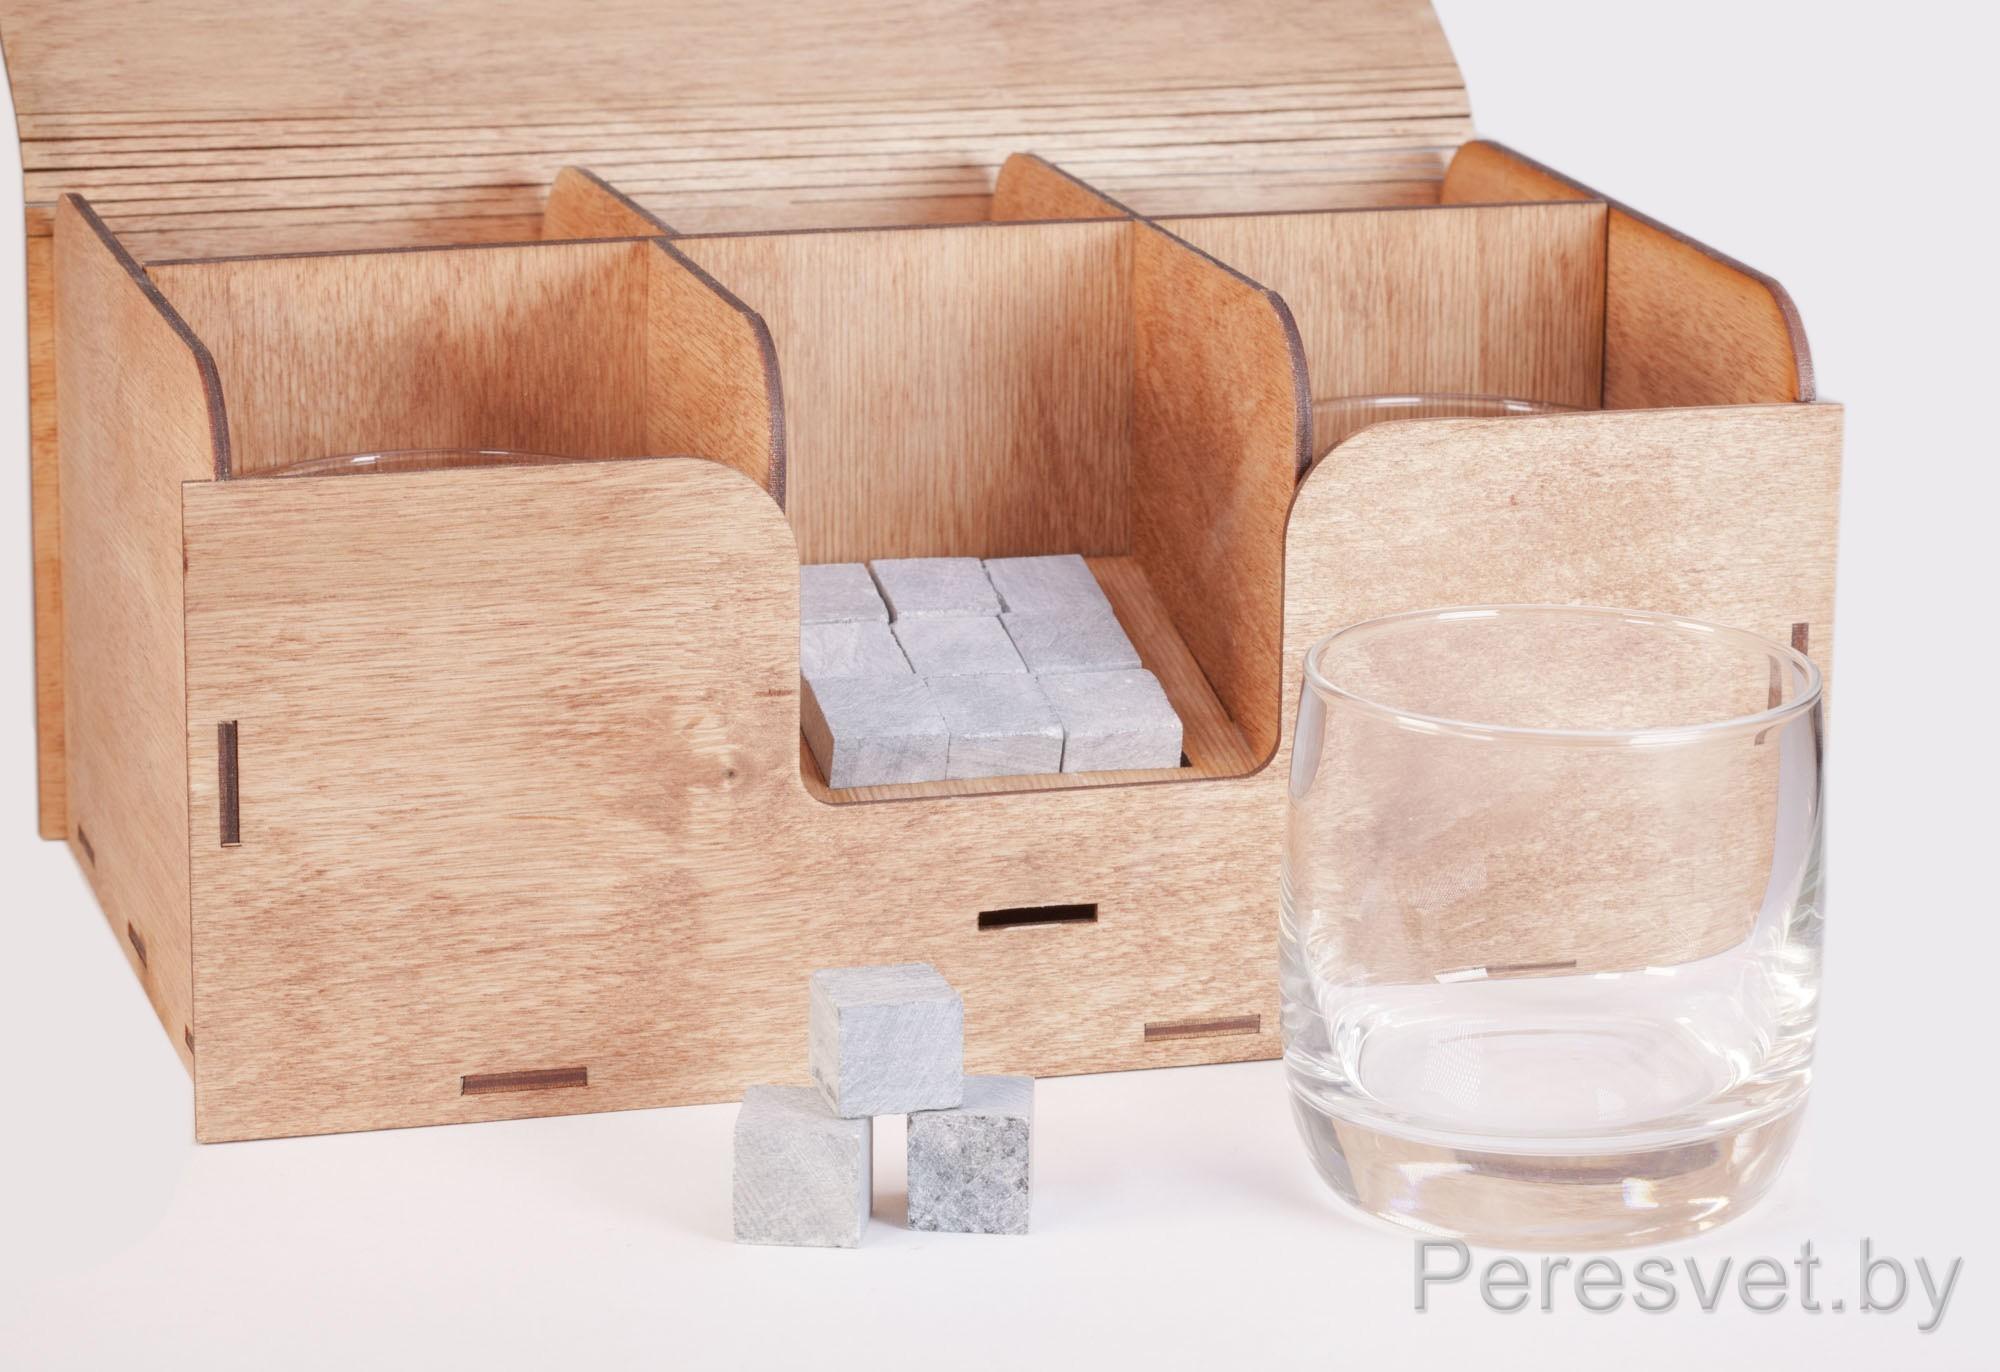 Подарочный набор Камни для виски 9шт с 5 стаканами Черчиль на peresvet.by